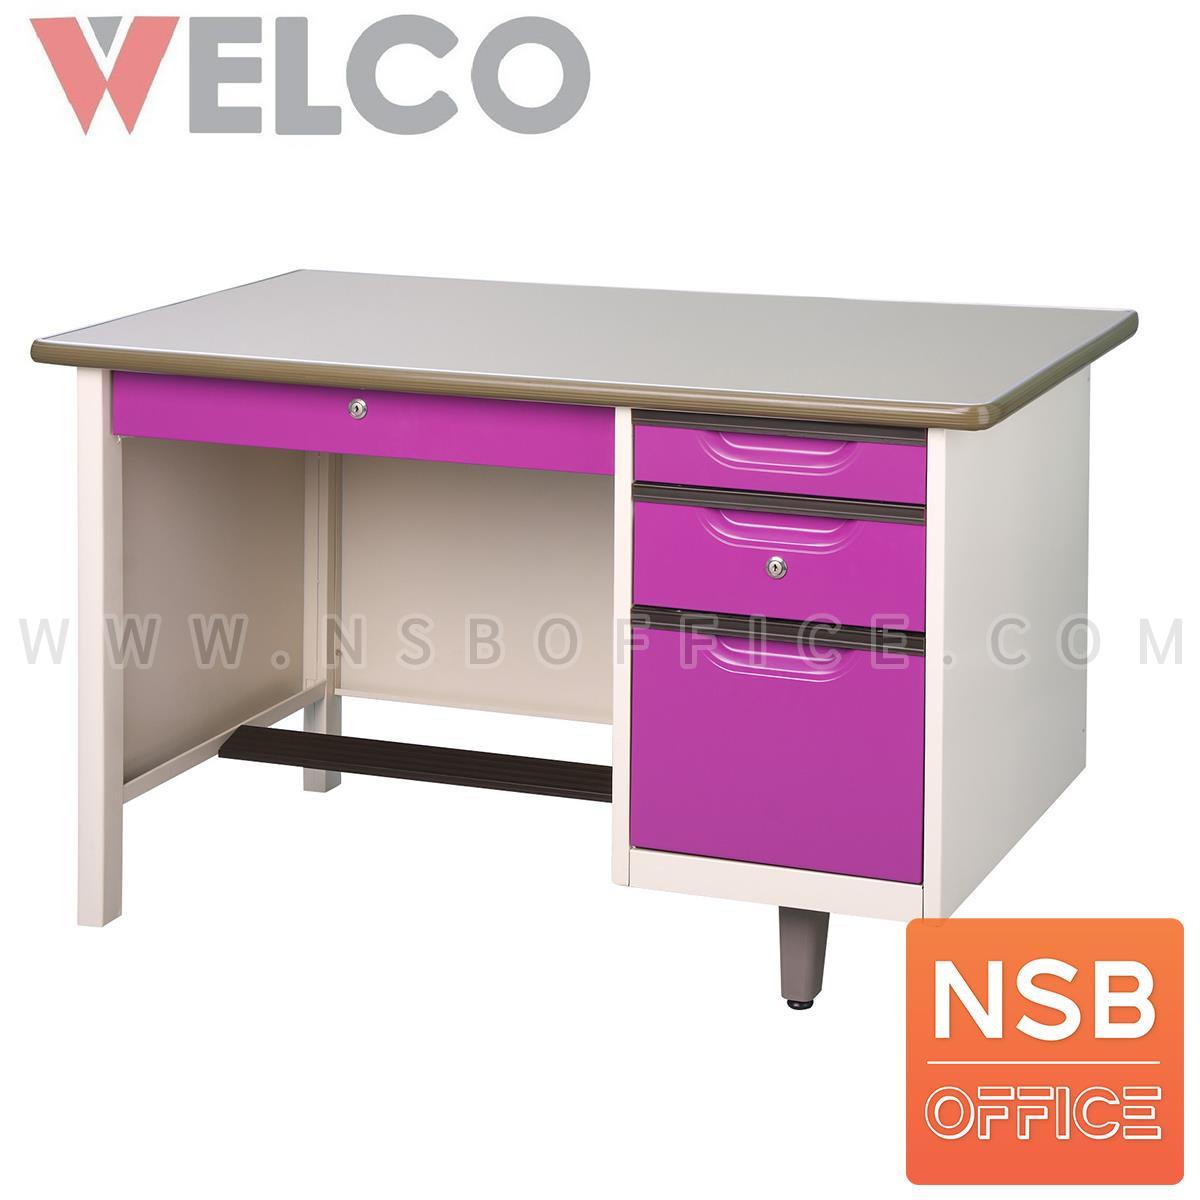 โต๊ะทำงานหน้าเหล็ก 4 ลิ้นชัก รุ่น WDE ขนาด 3 ,3.5 ,4 ฟุต